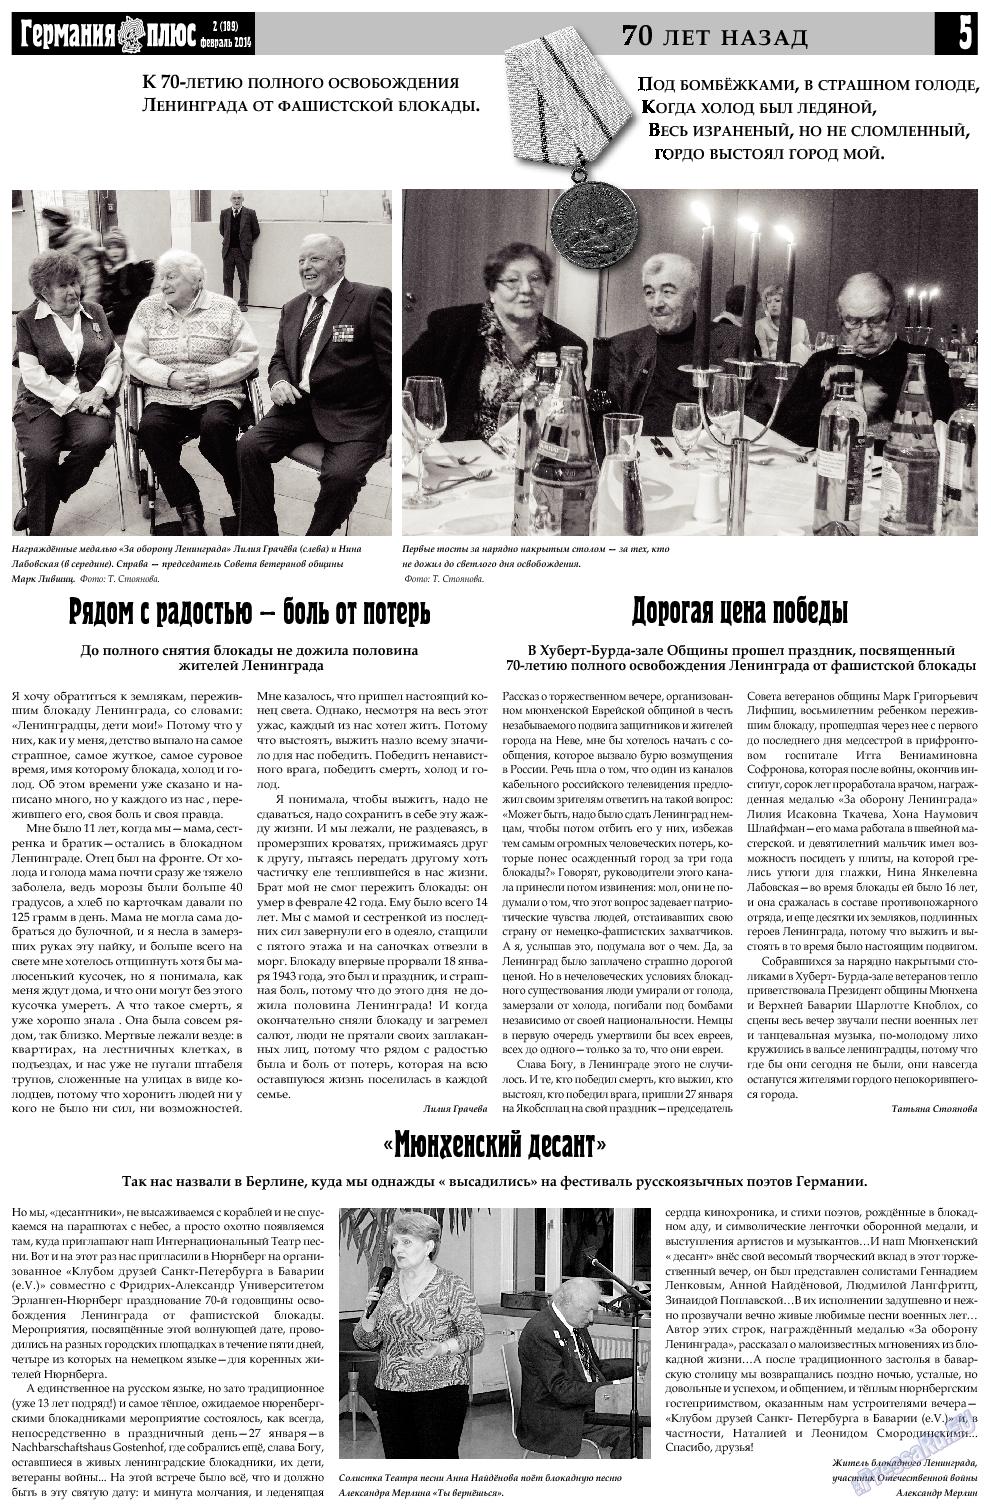 Германия плюс (газета). 2014 год, номер 2, стр. 5